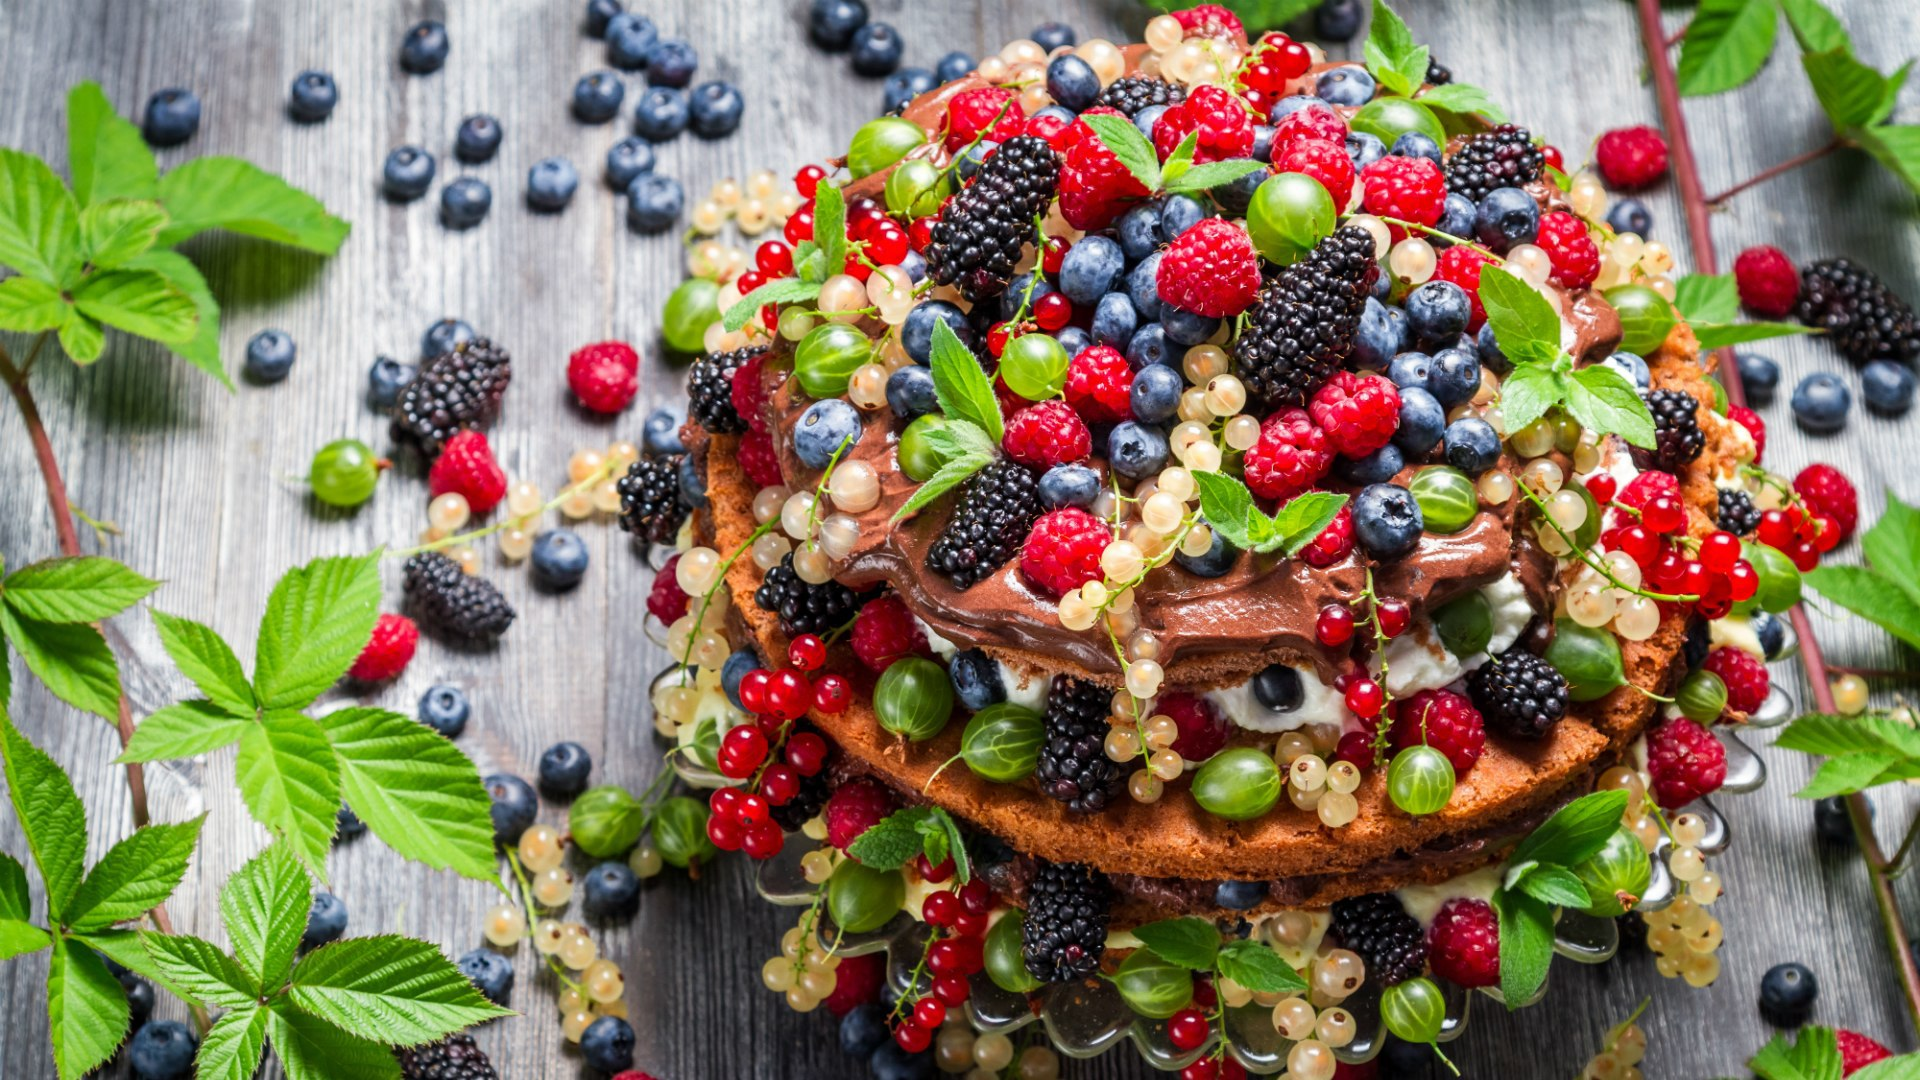 Фото ягод и фруктов в хорошем качестве